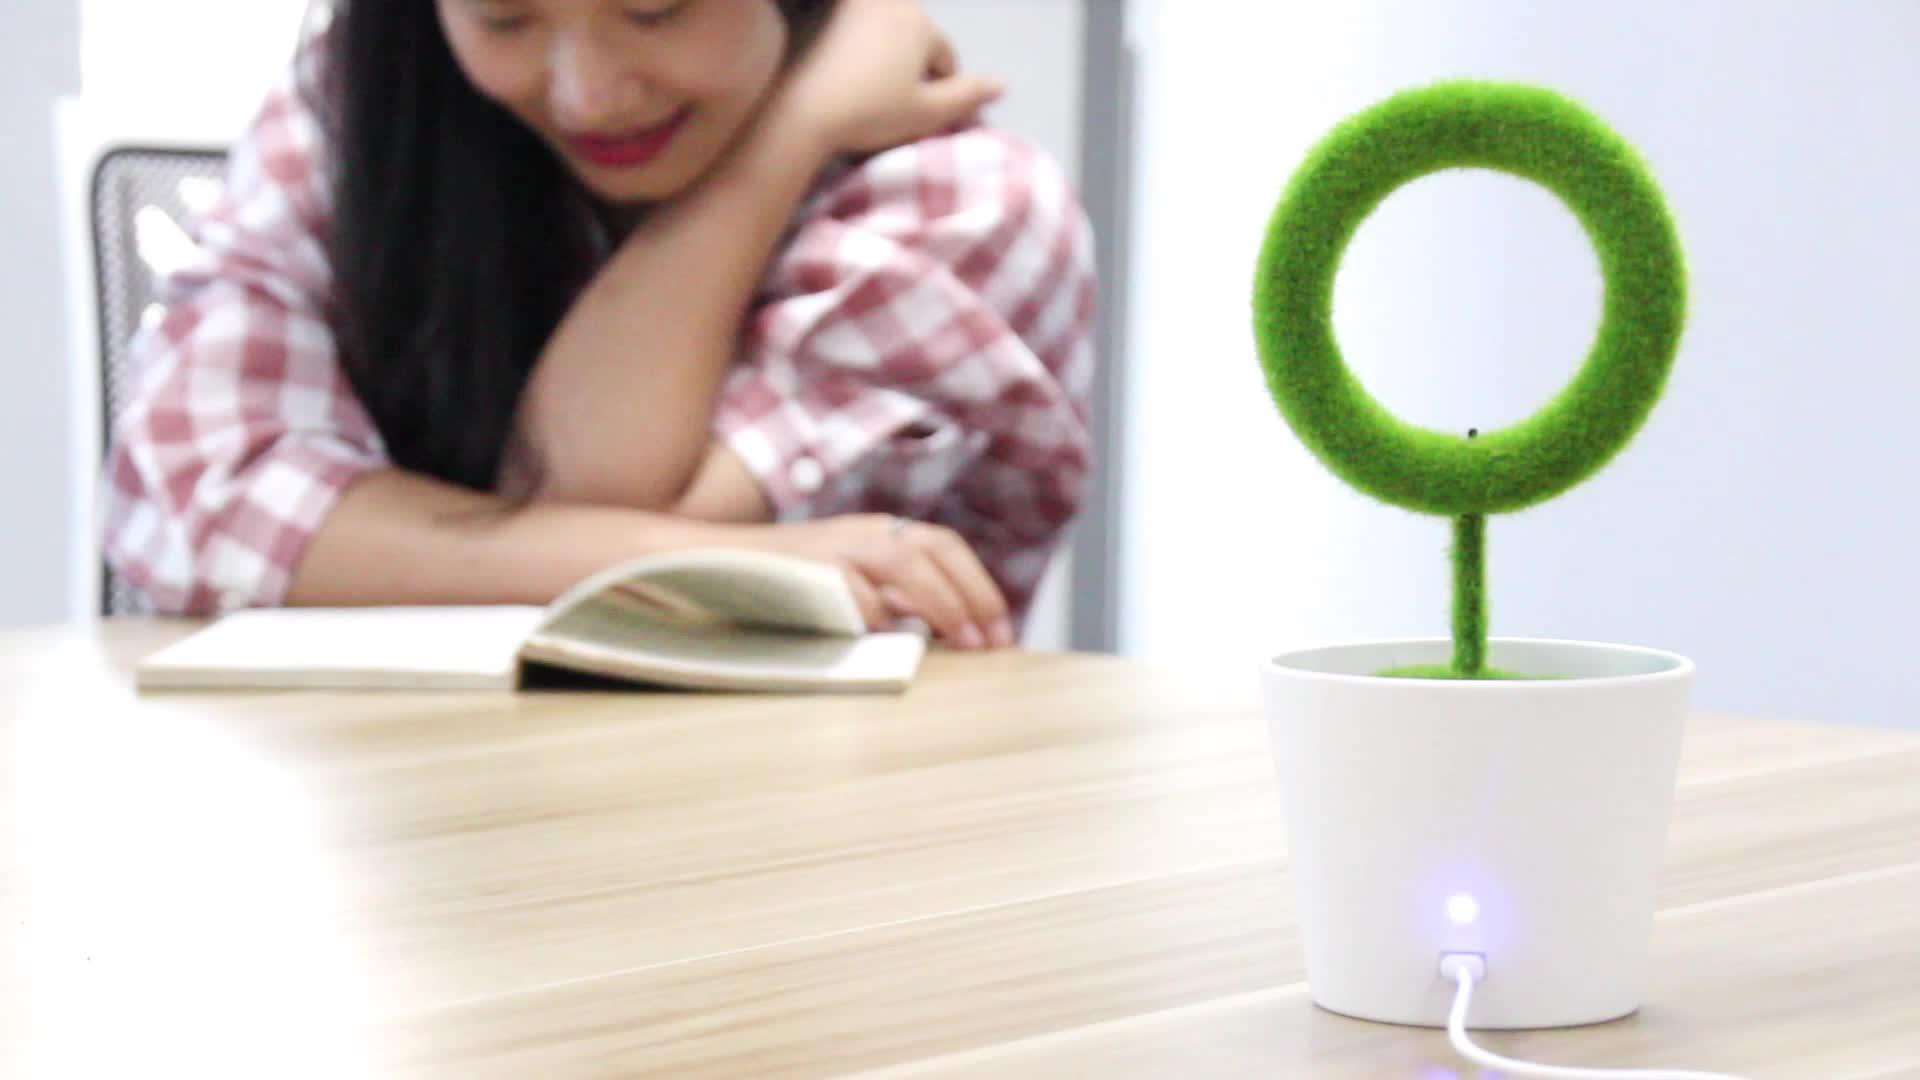 섬세한 데스크탑 식물 공기 청정기 세트 유용한 맞춤형 기념품 손님 경품 맞춤 결혼 선물